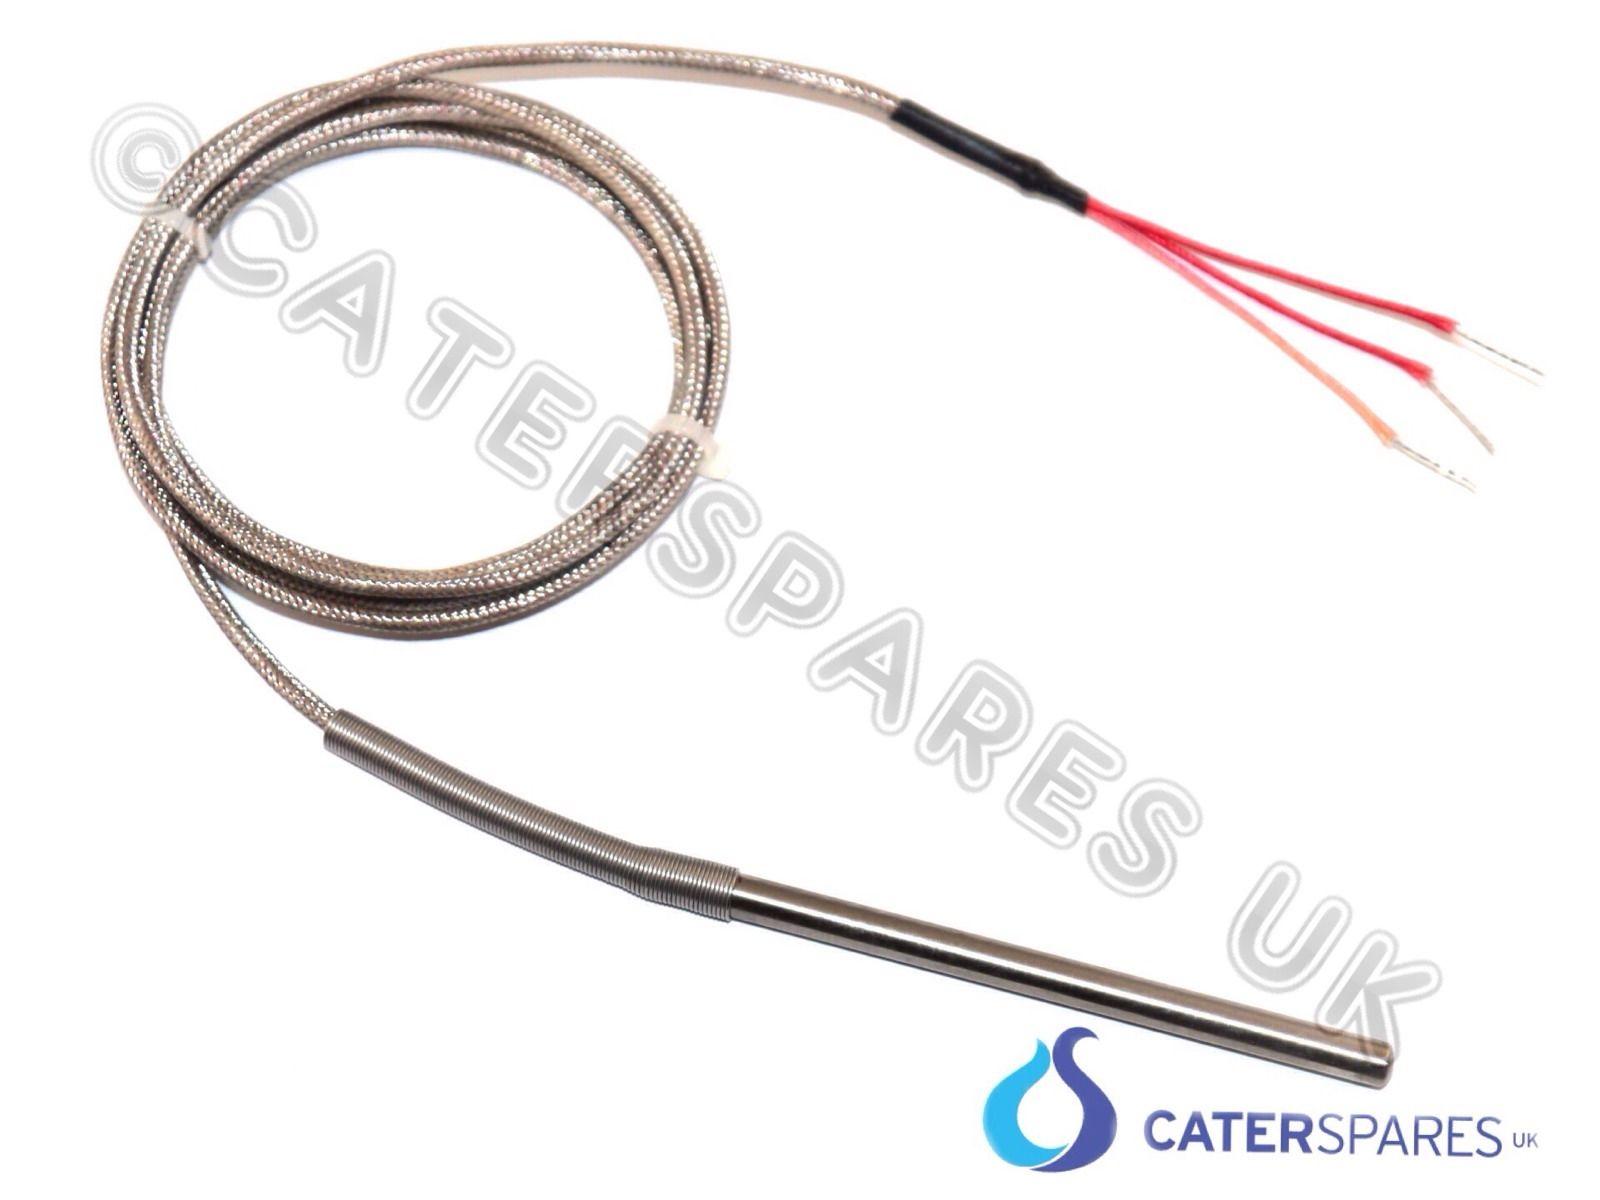 Pt100 3 Wire Thermocouple High Temperature Probe 1500mm